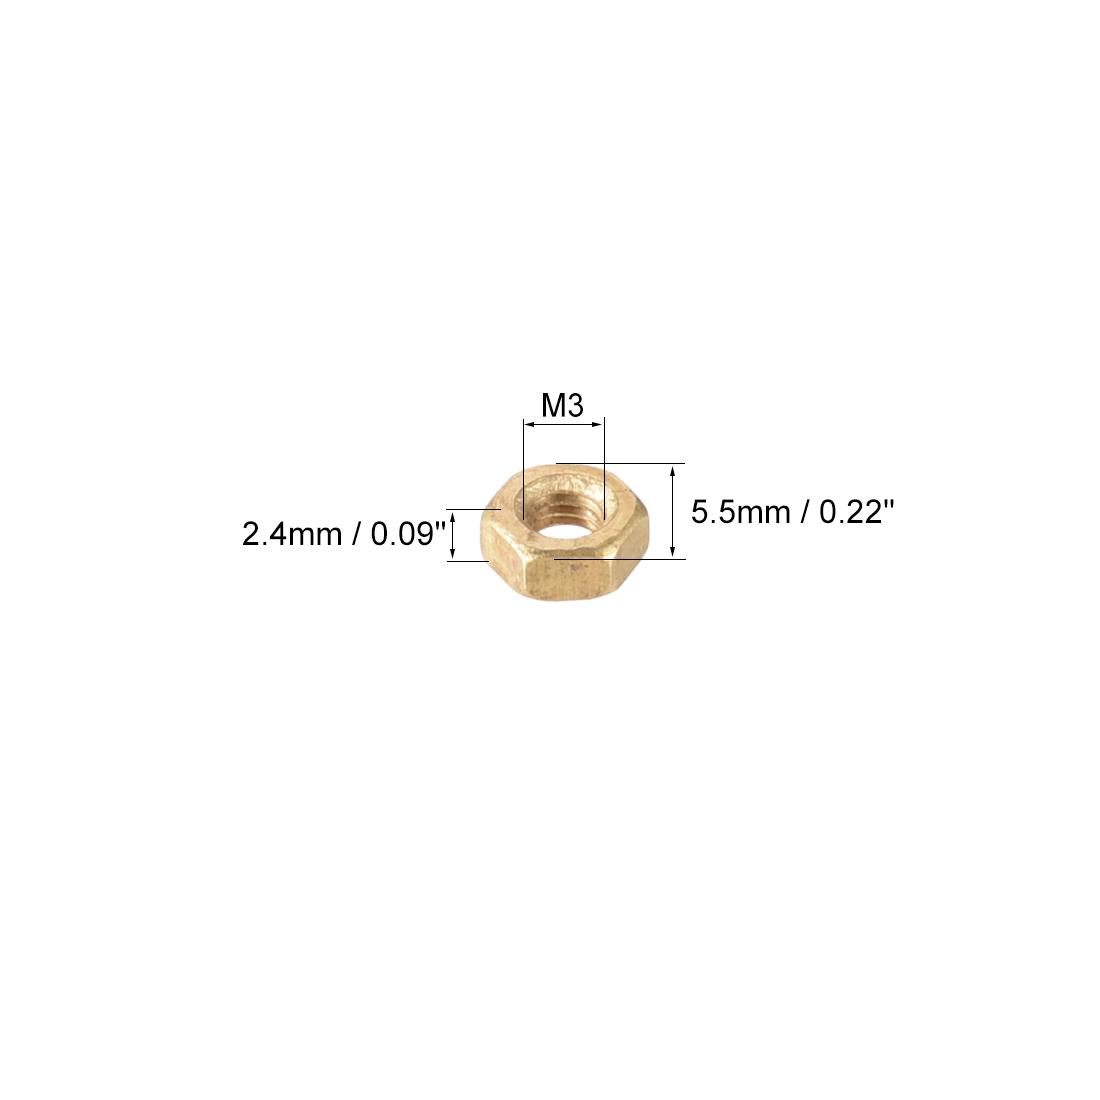 M3 laiton écrou Hex métrique ton or 100pc